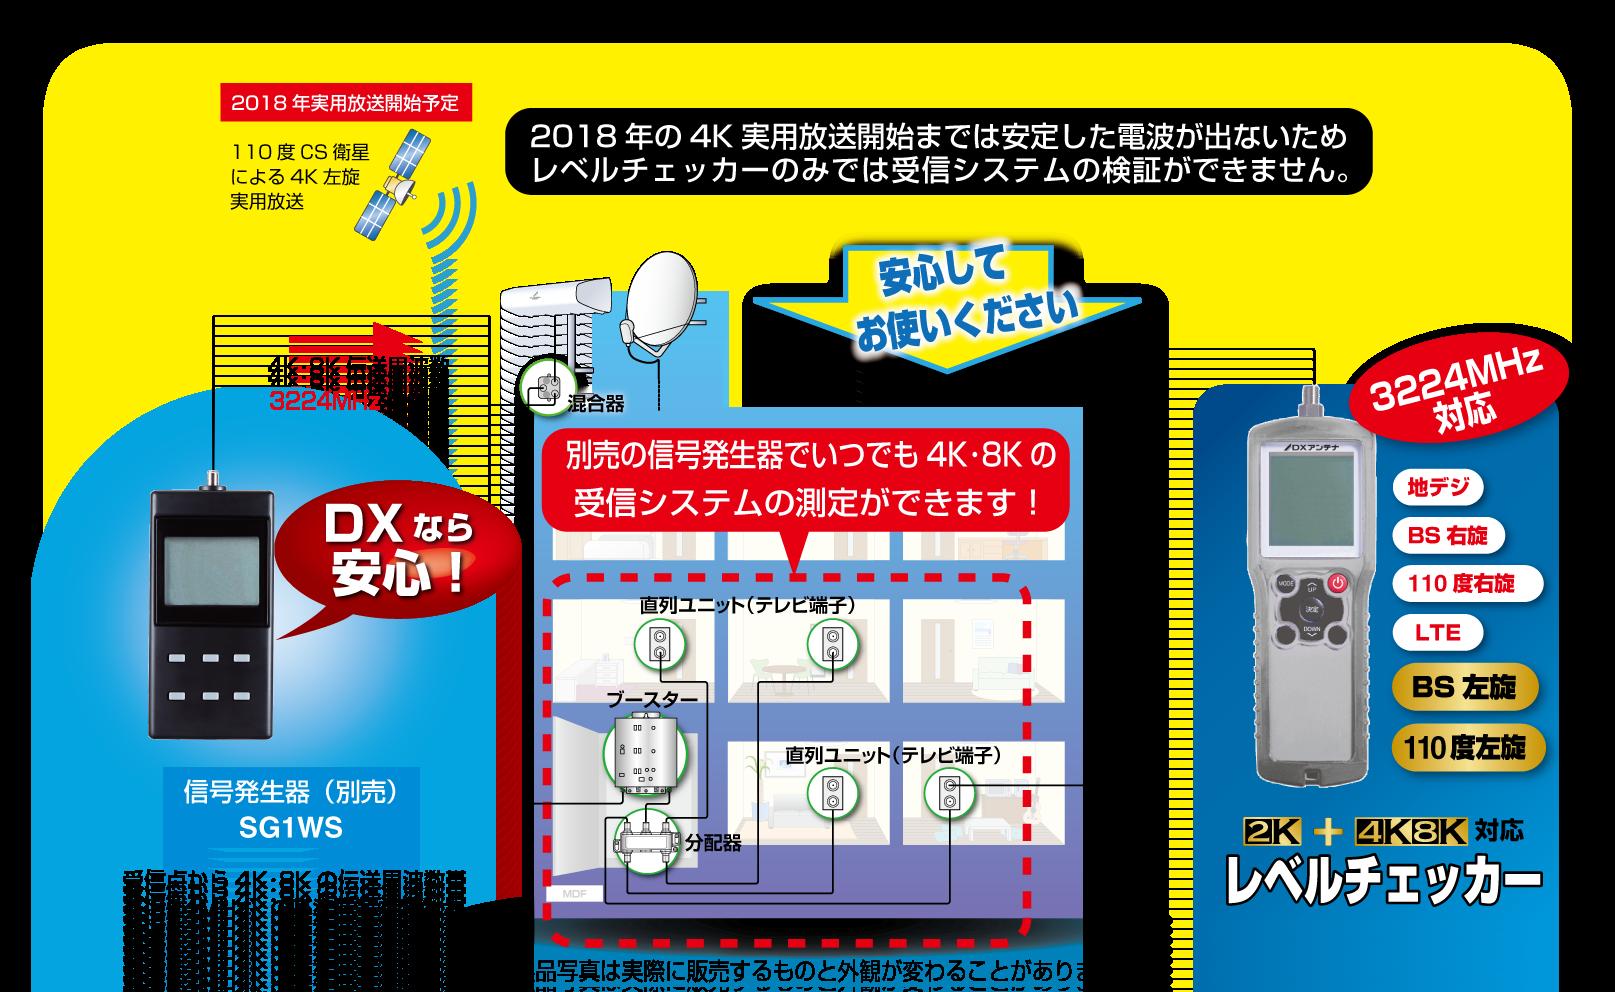 4K・8K信号発生器